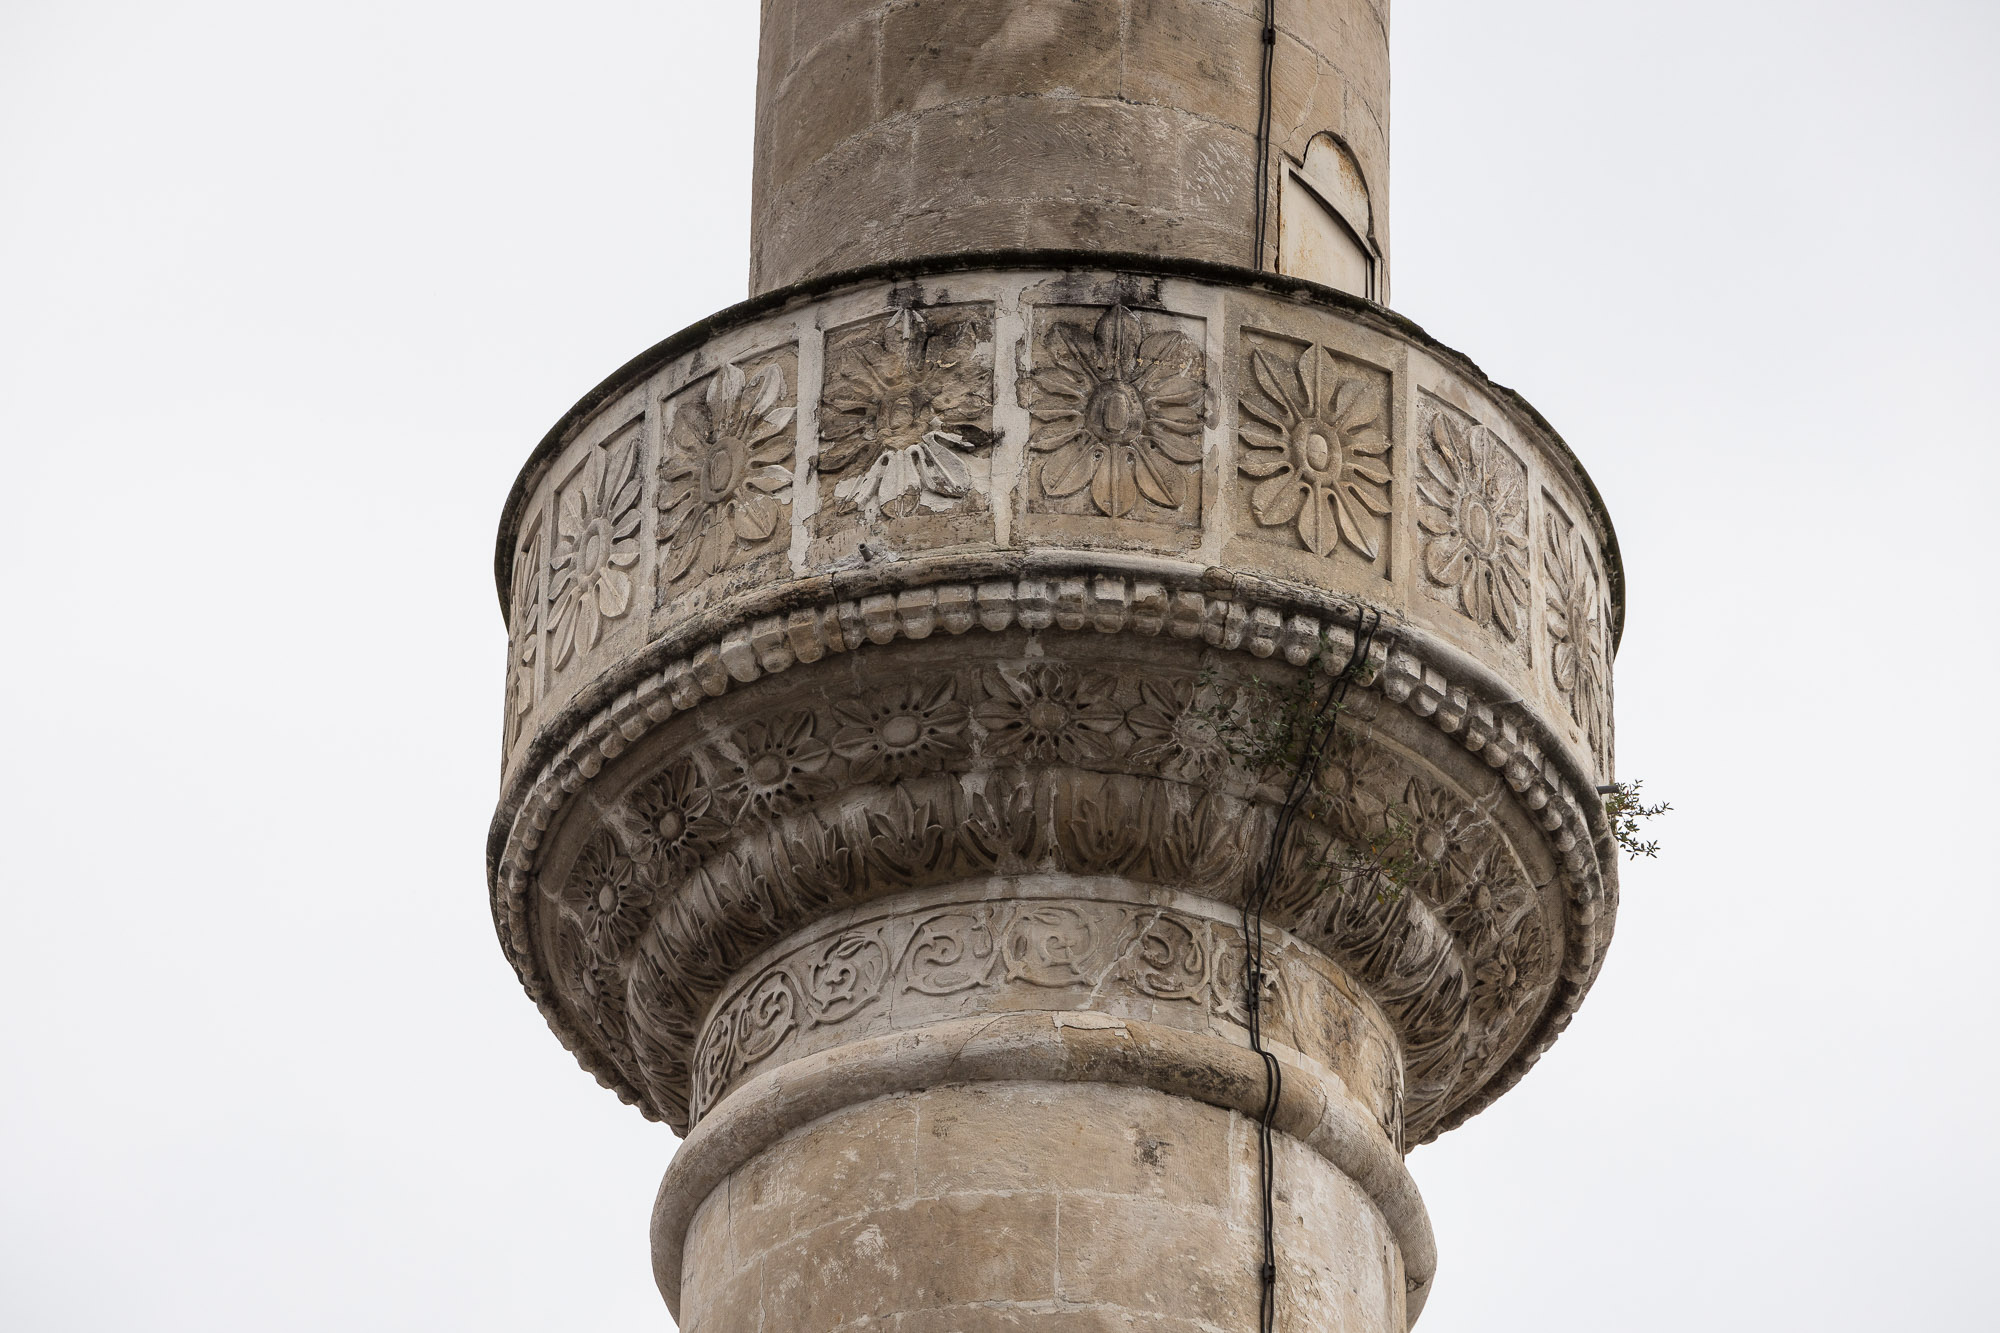 Atik Ibrahim Pasa mosque minaret